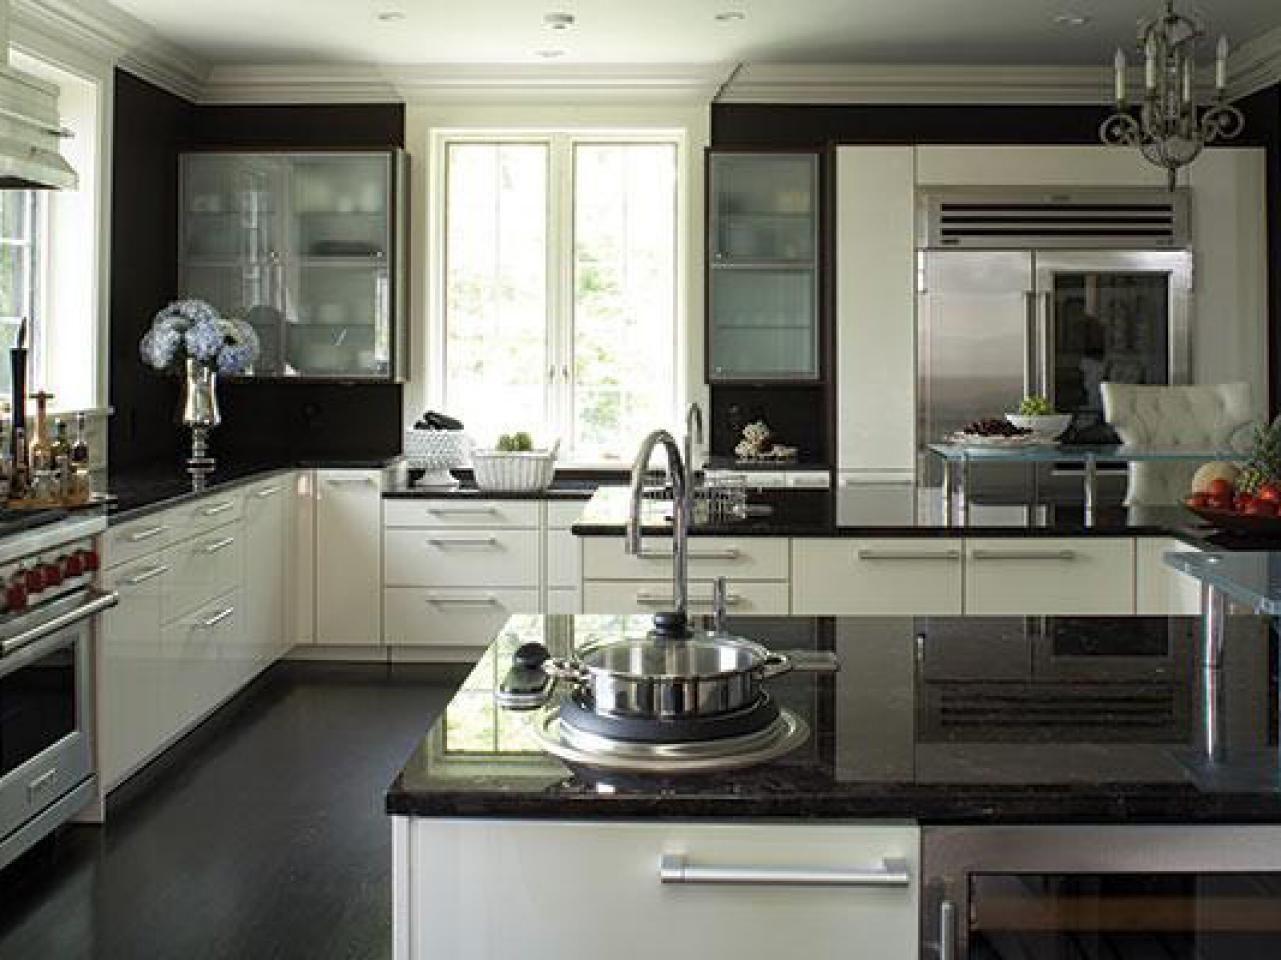 Dark Granite Countertops | Granite countertops | Pinterest ...